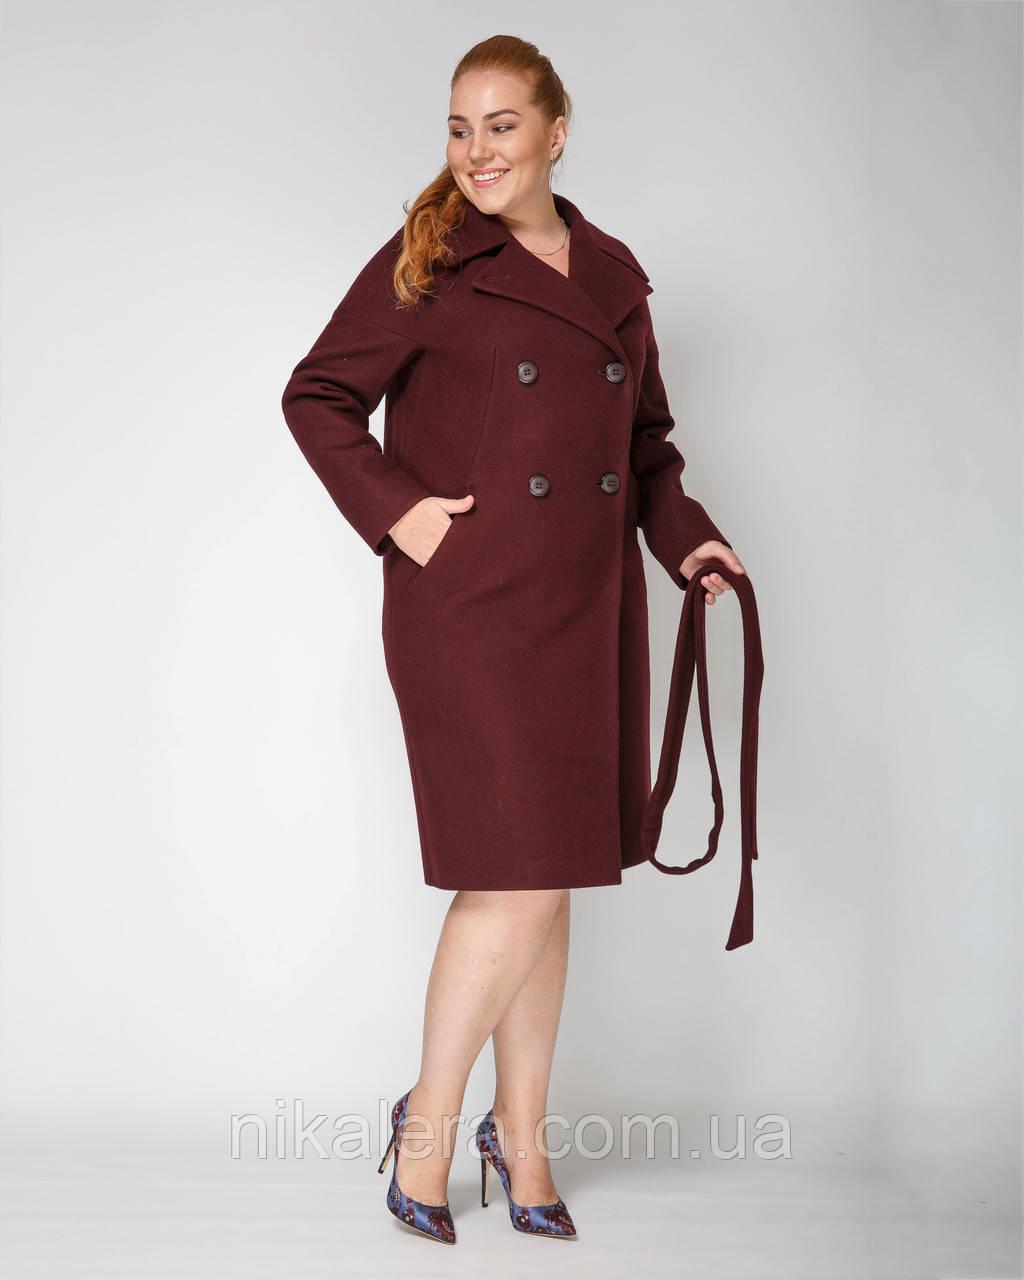 Пальто классическое с поясом  рр 44-54